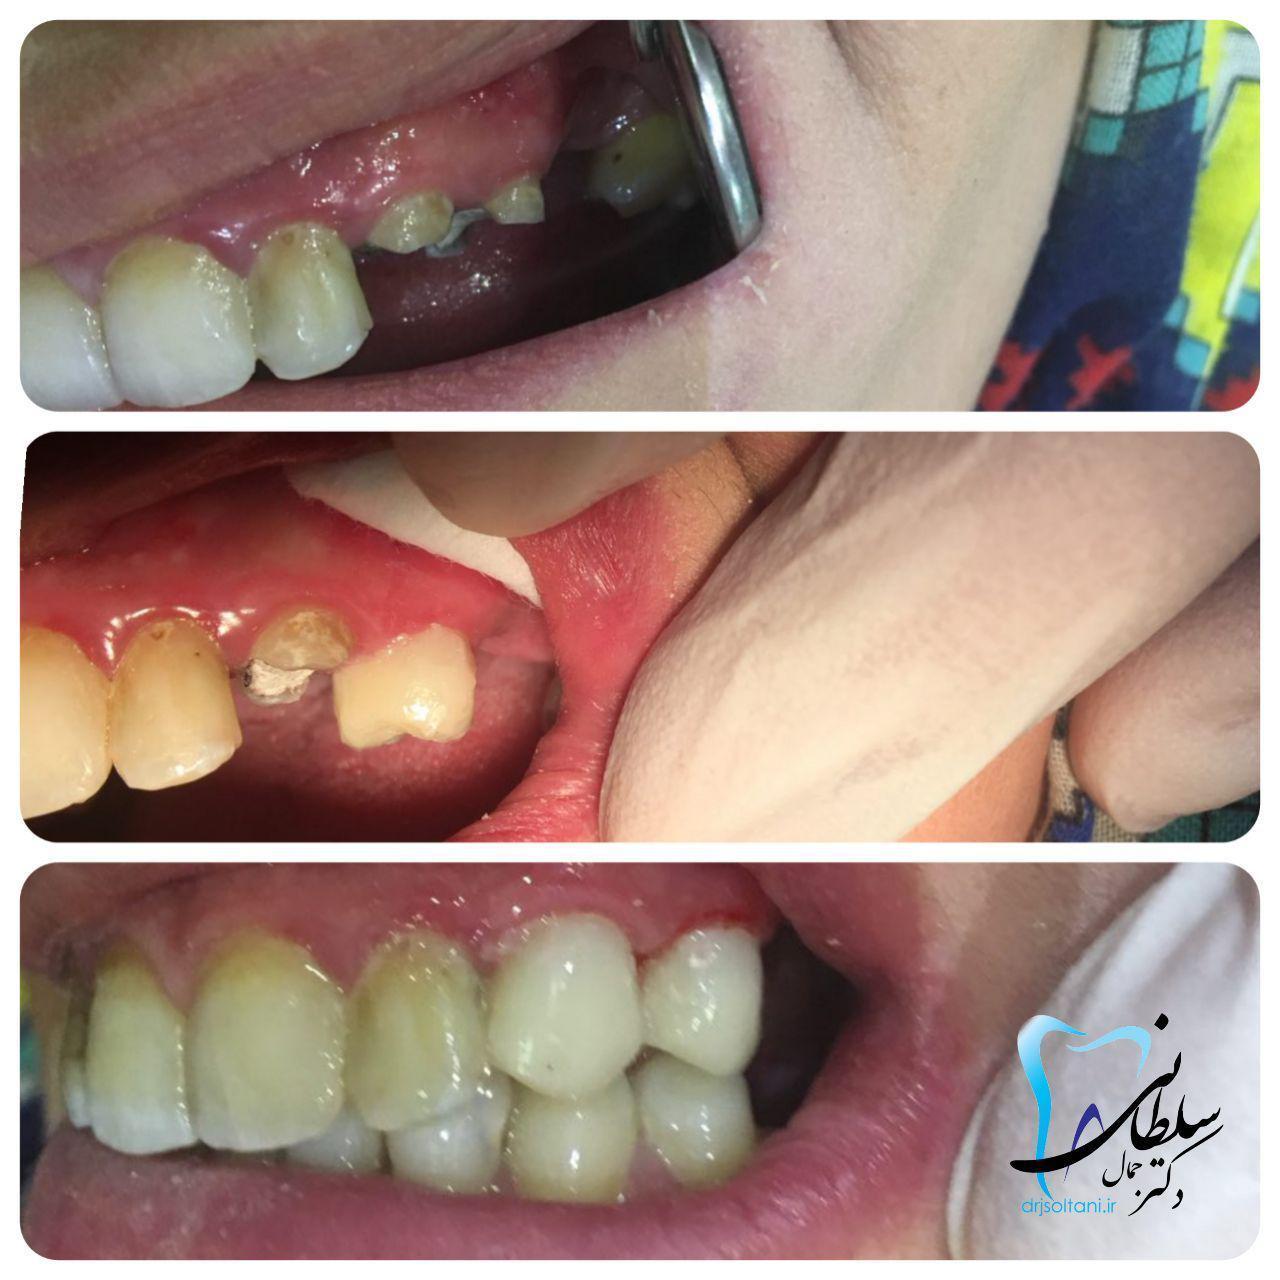 بازسازی تاج دندان های نیش و آسیای کوچک با مواد همرنگ در یک جلسه مورخ۹/۶/۹۷